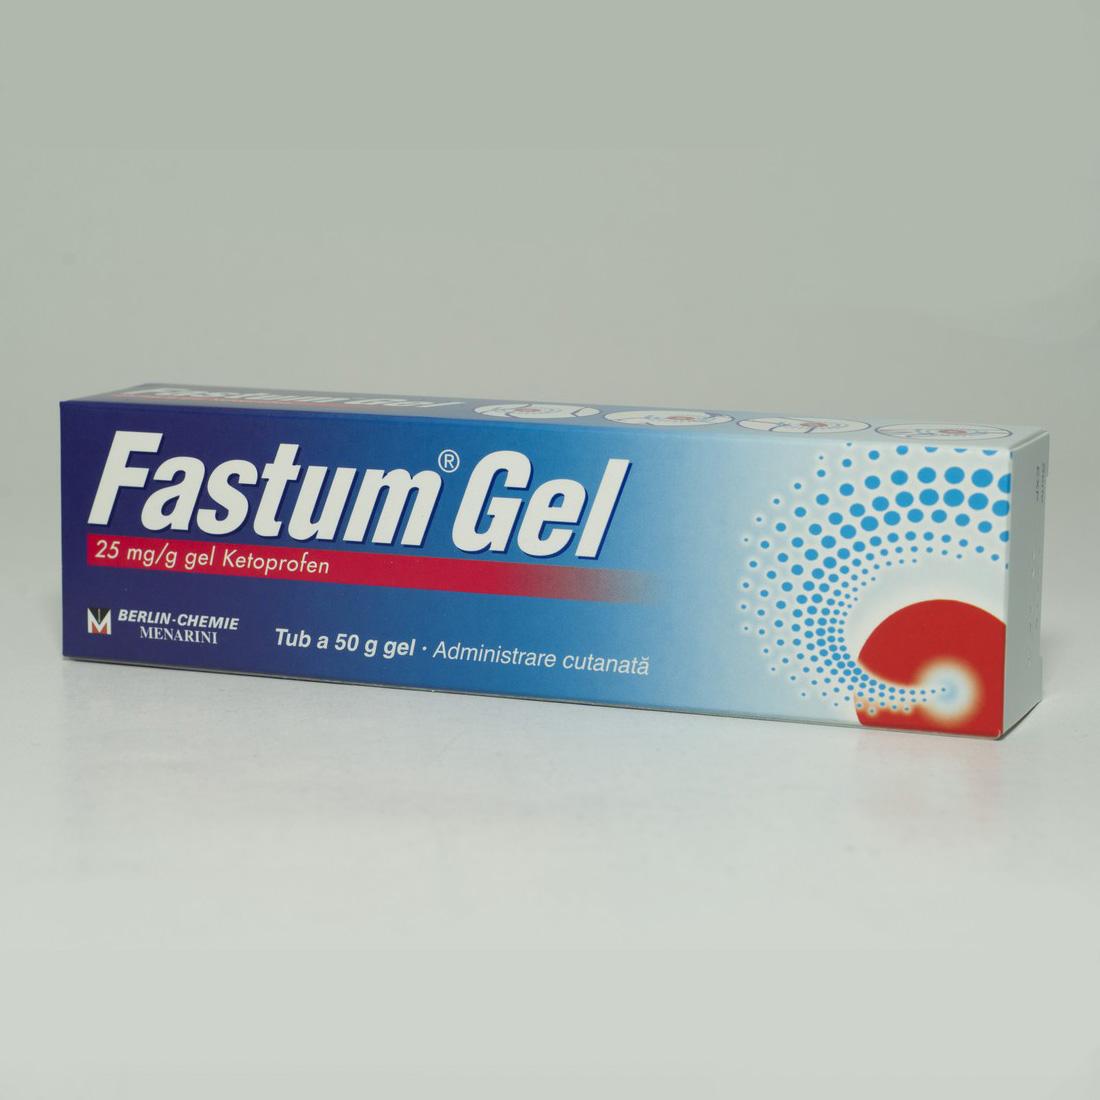 Medicamente pentru tratarea durerilor   centru-respiro.ro